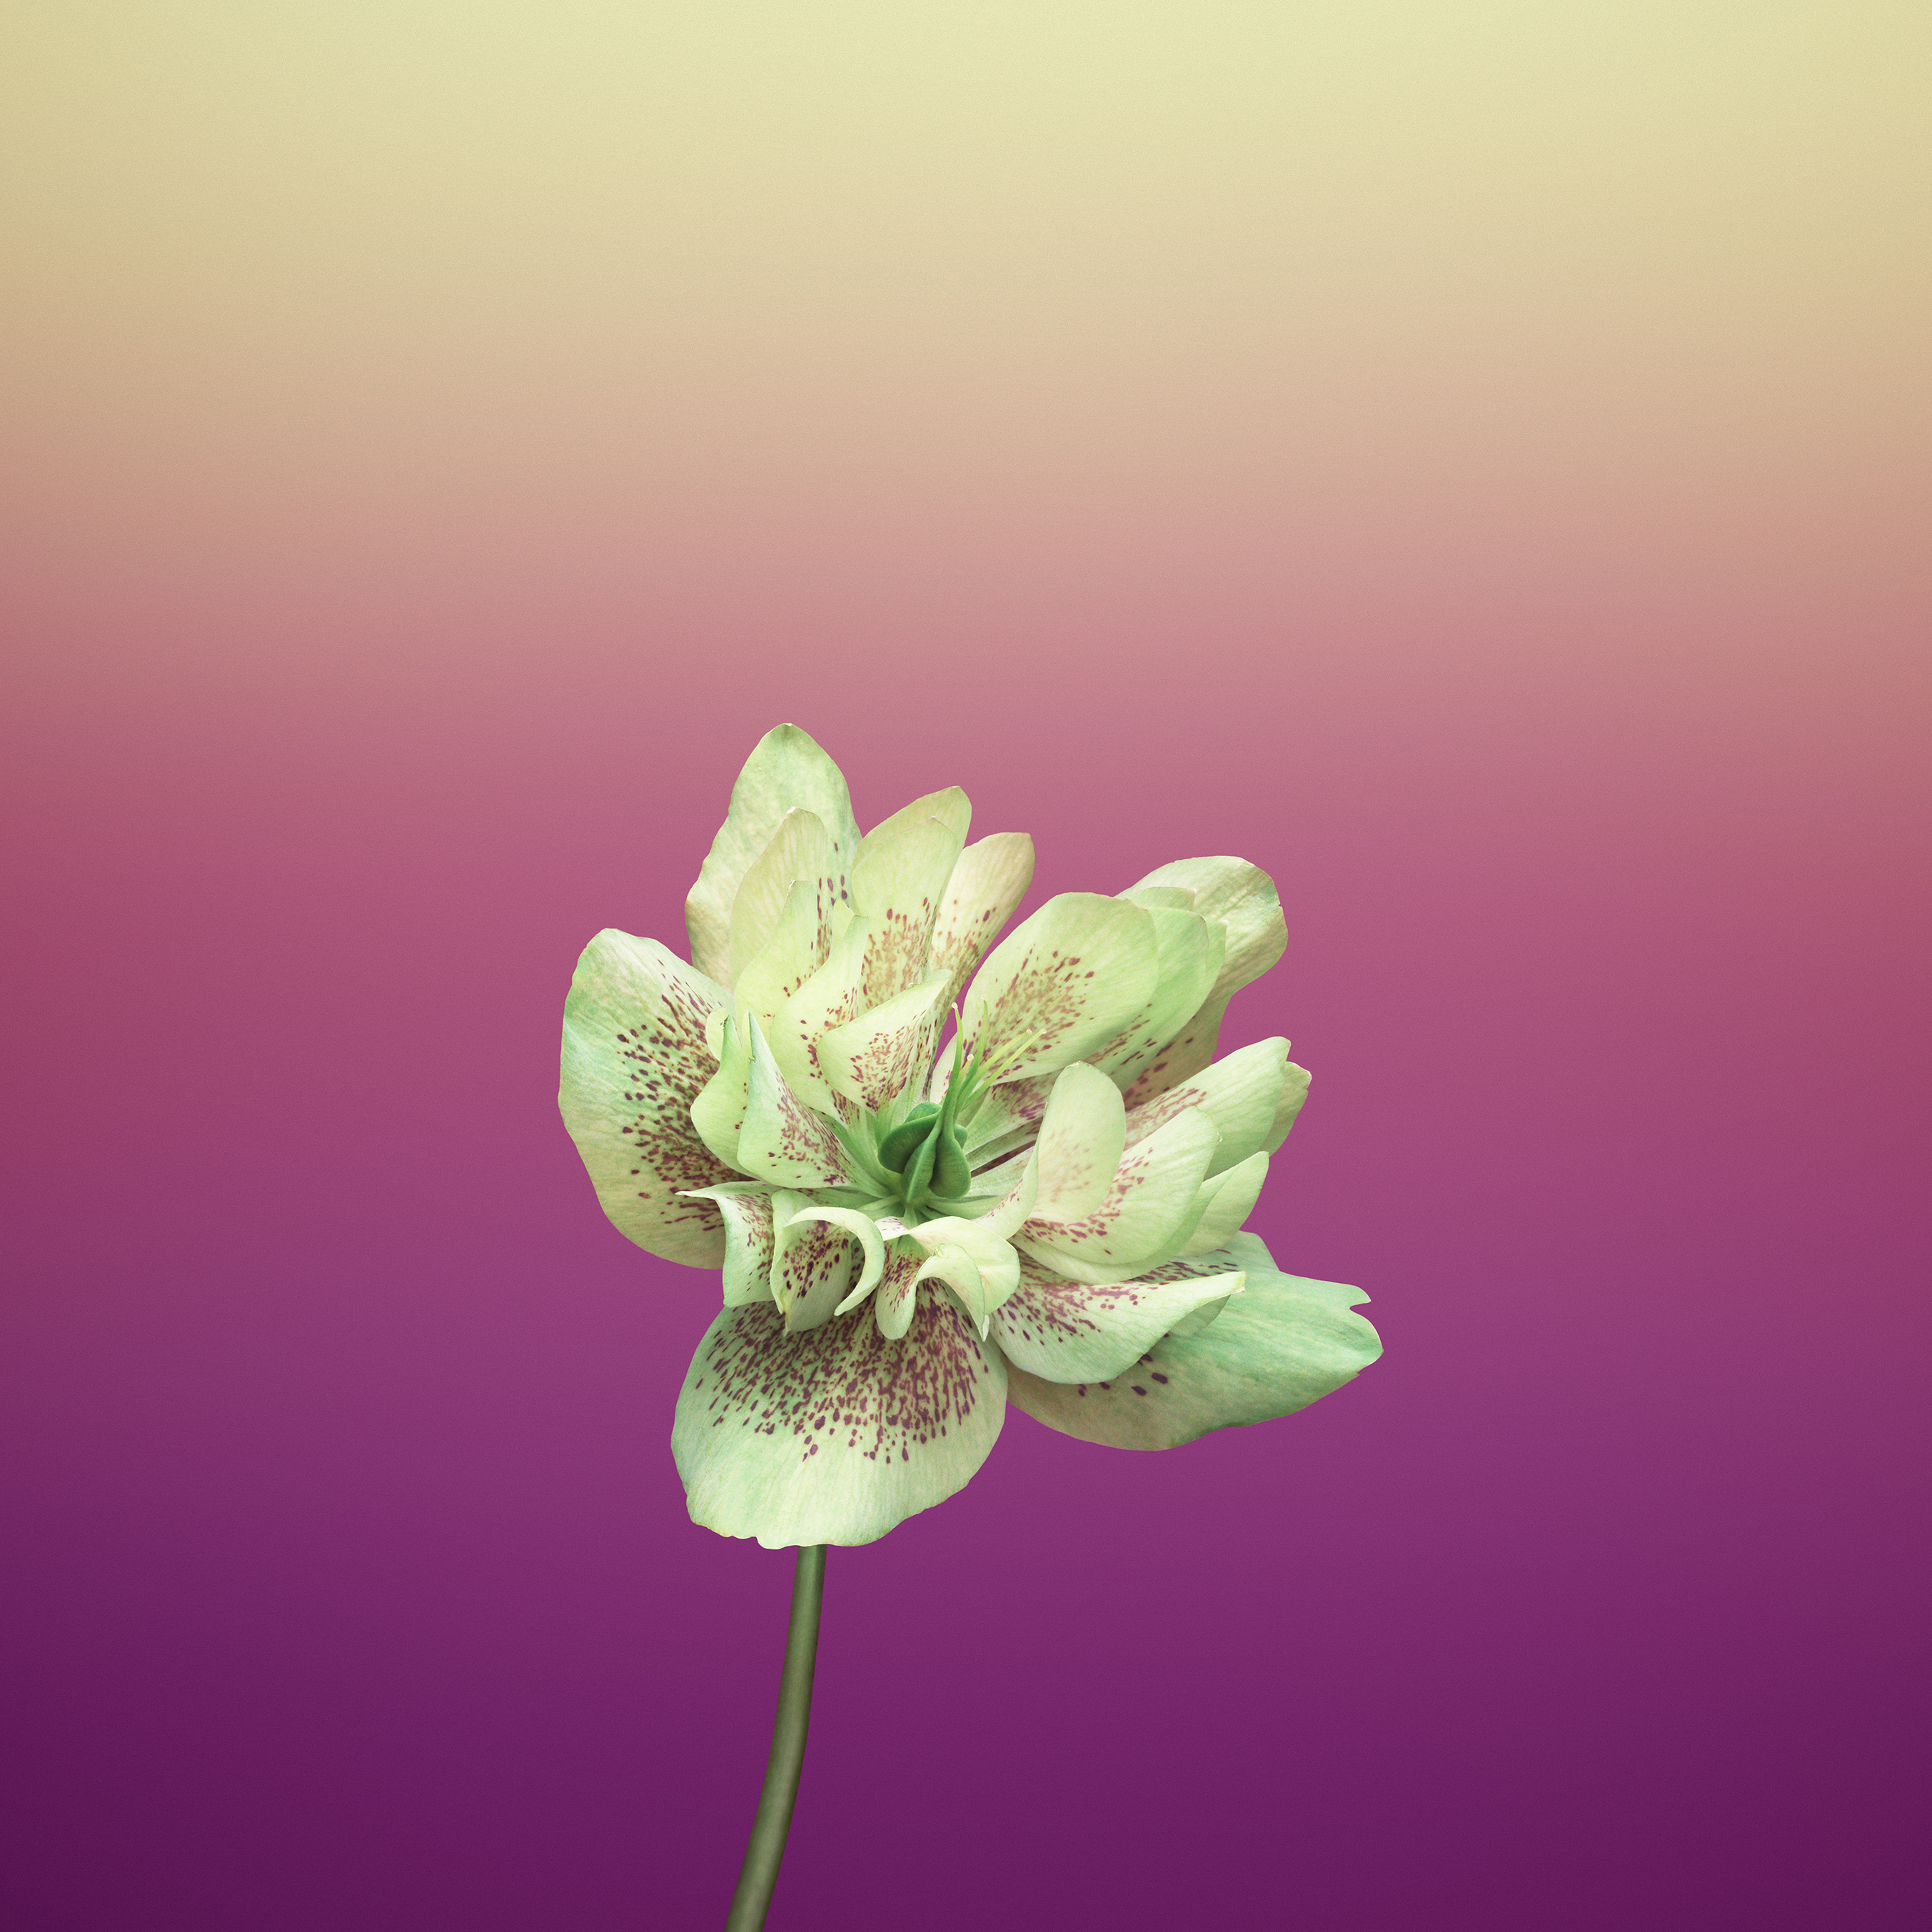 Flower_HELLEBORUS-iOS-11-GM-iPhone-wallpapers